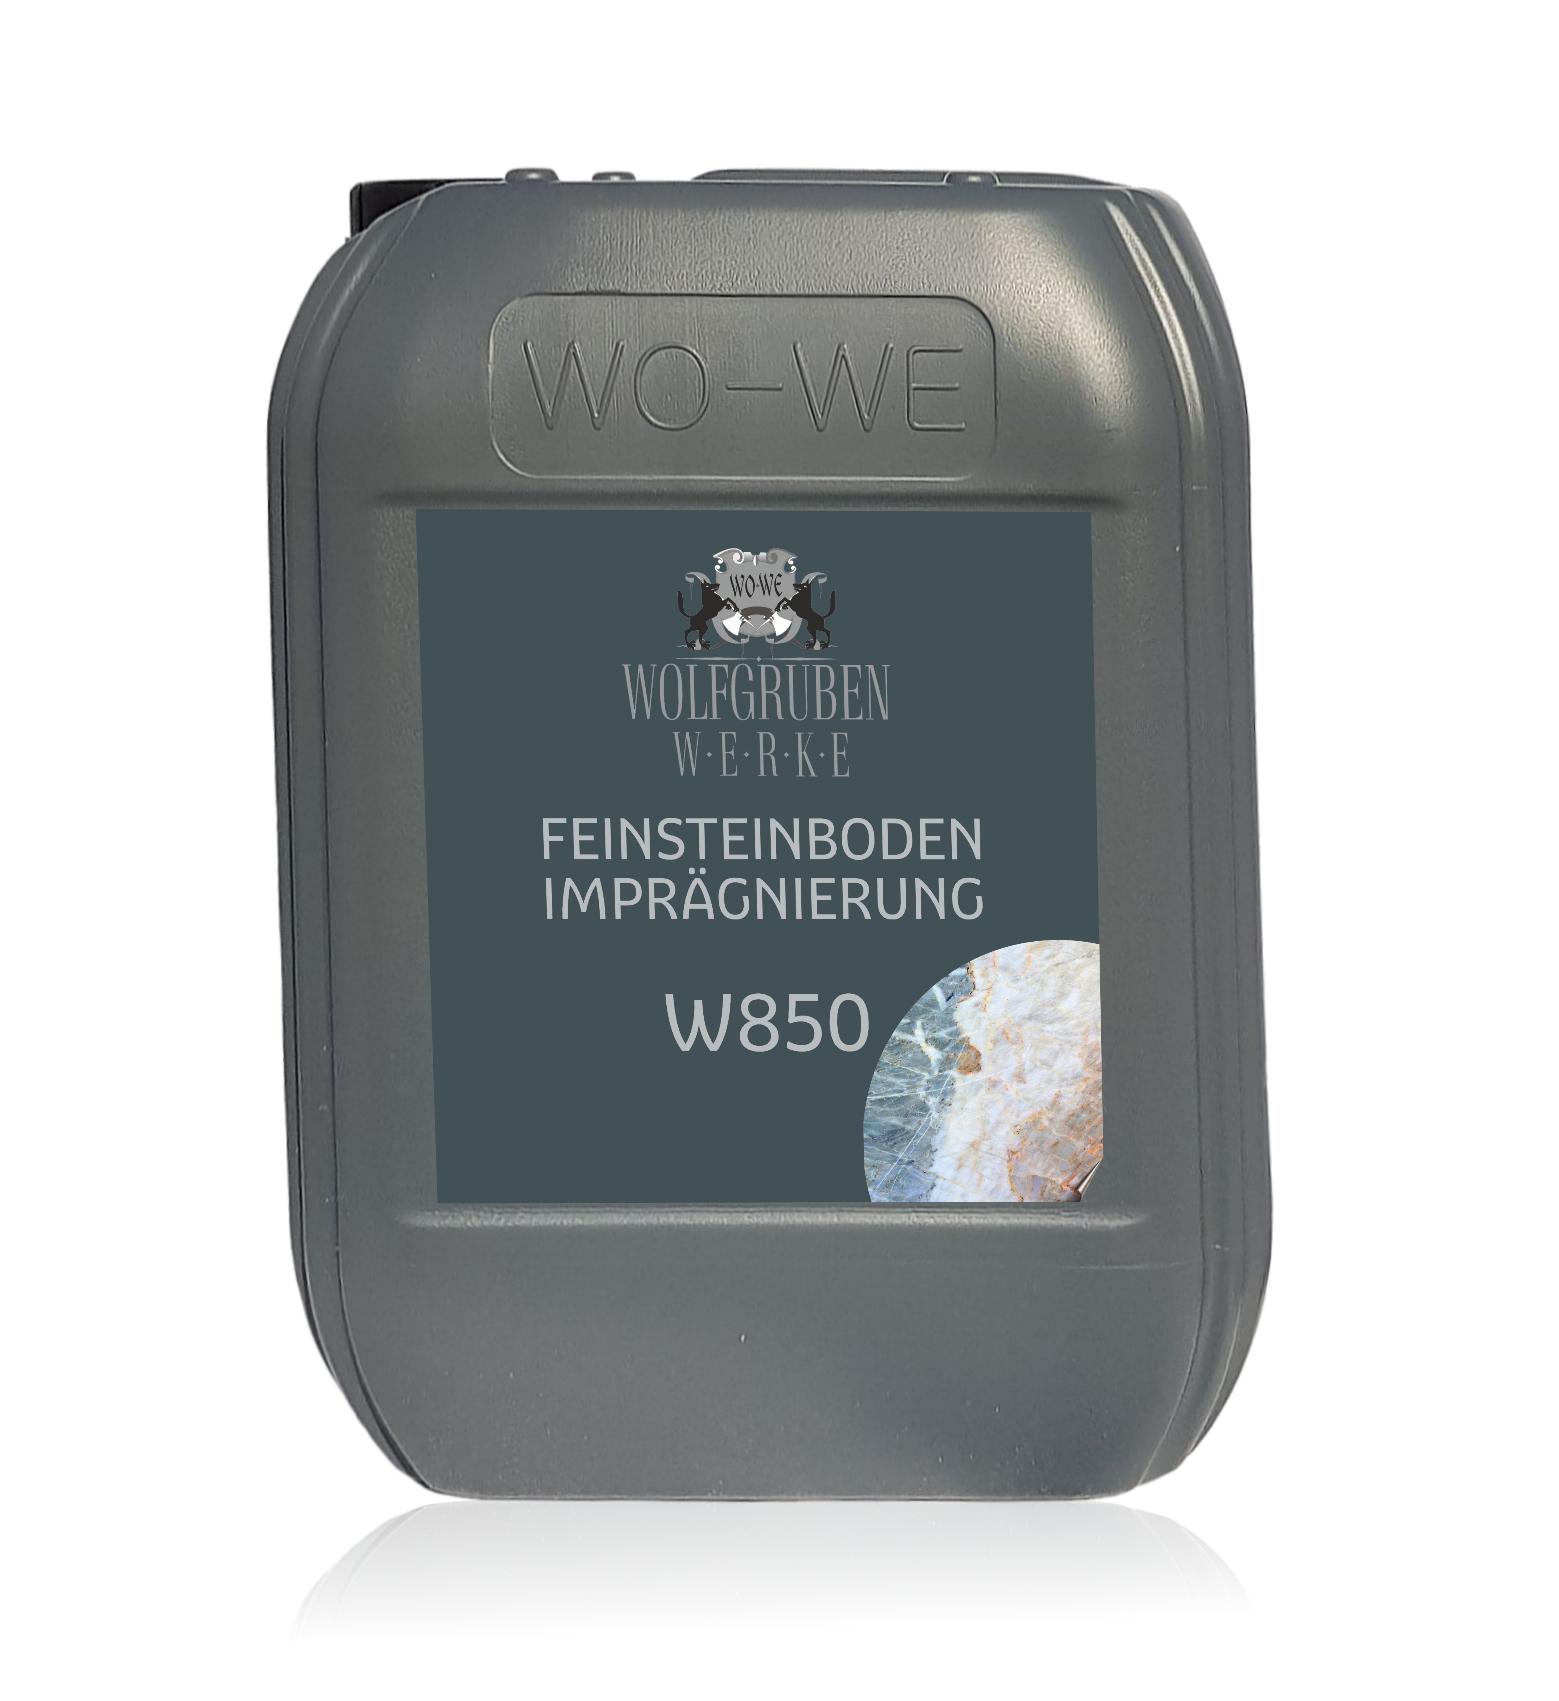 W850.jpg?dl=0